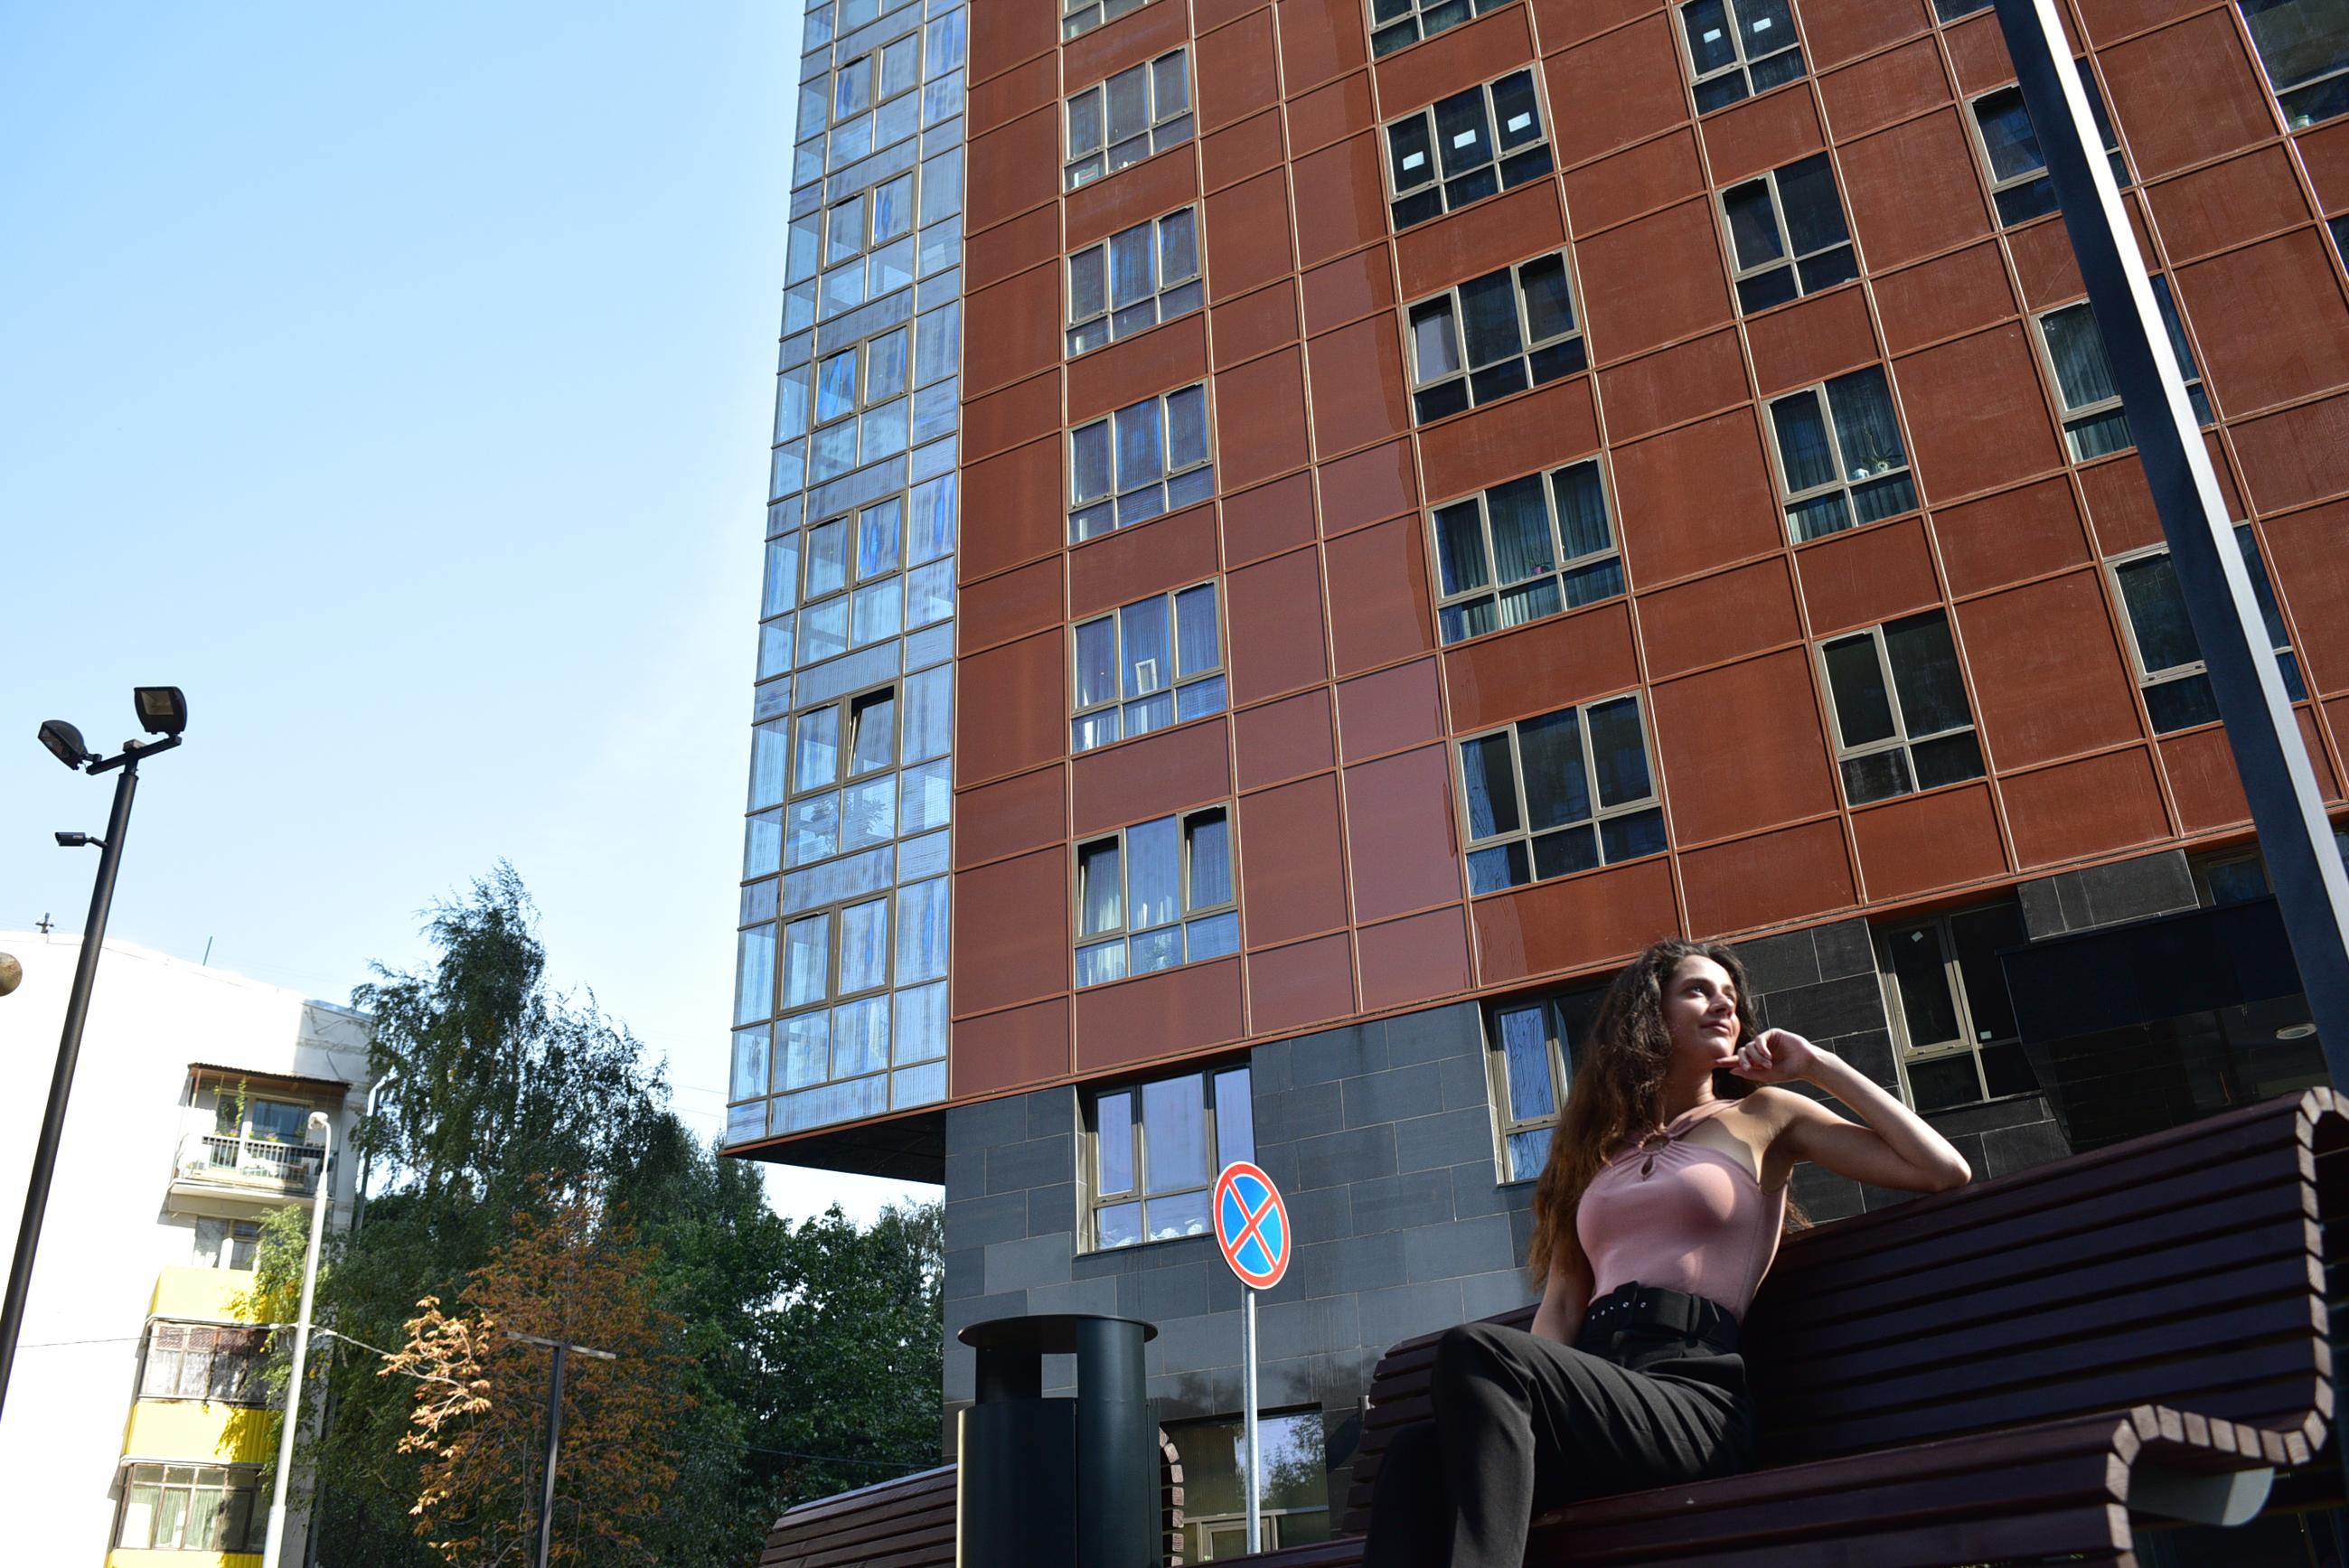 Число сделок на рынке жилой недвижимости Москвы выросло на 15 процентов